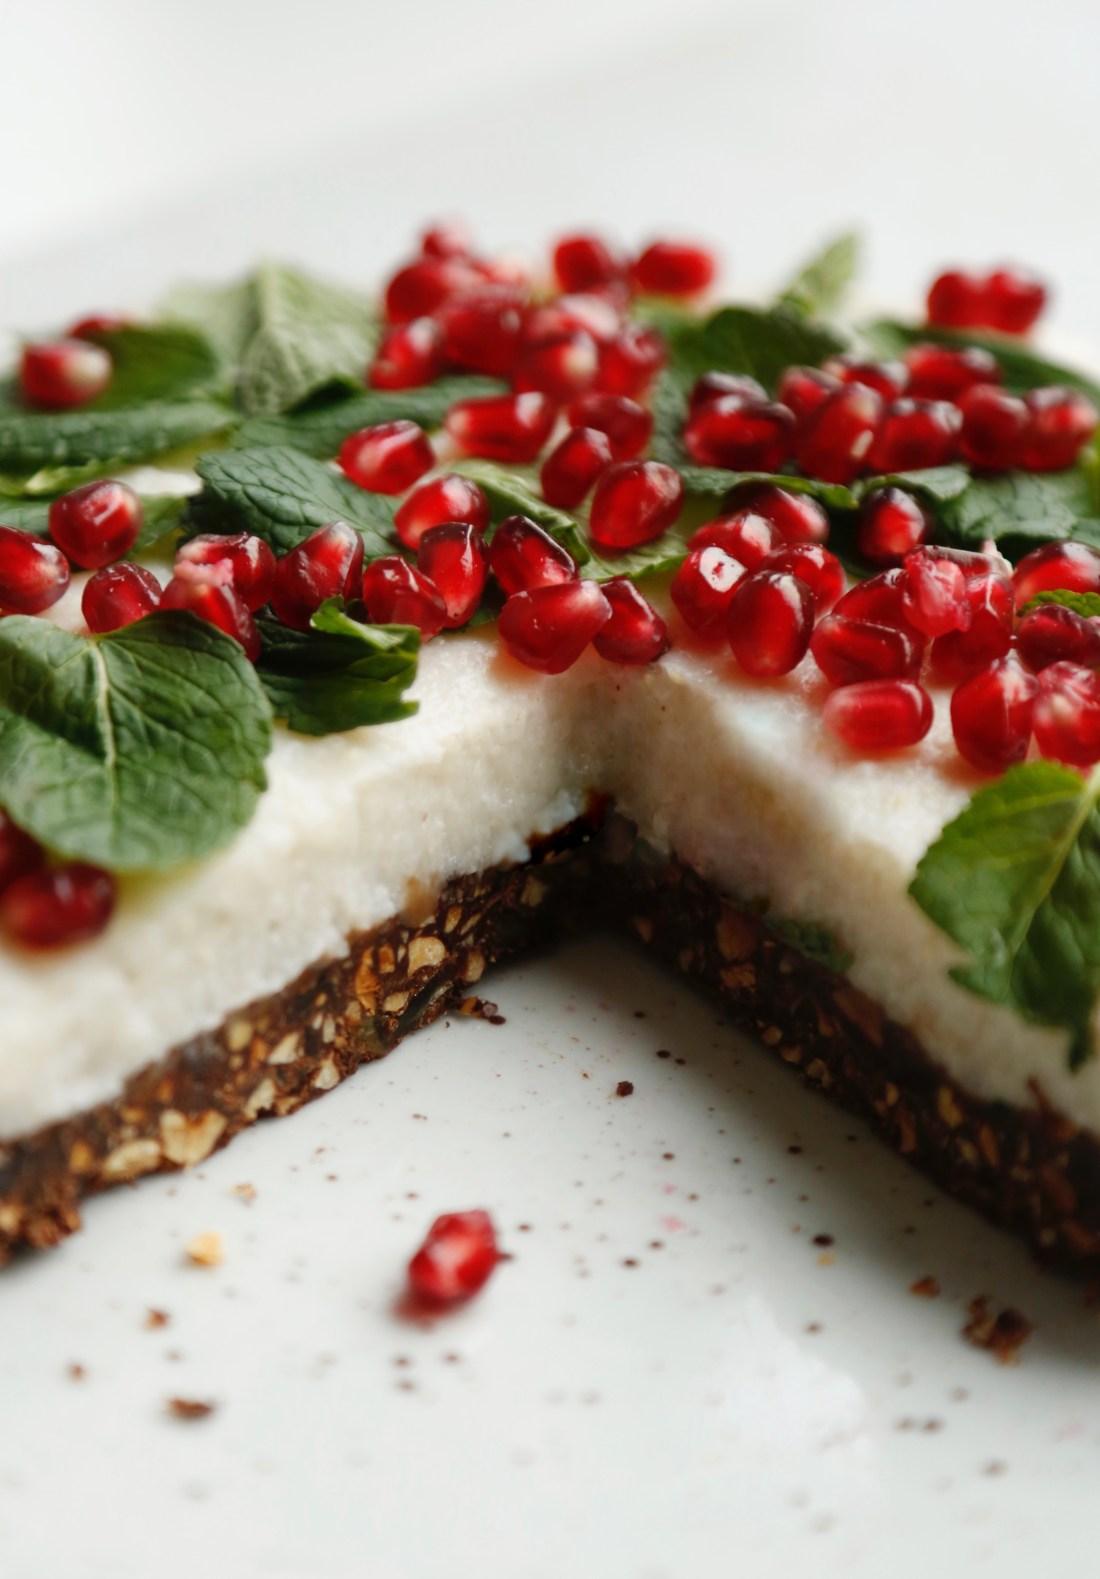 julekage-med-sproed-chokoladebund-og-en-rest-af-risengroed-3